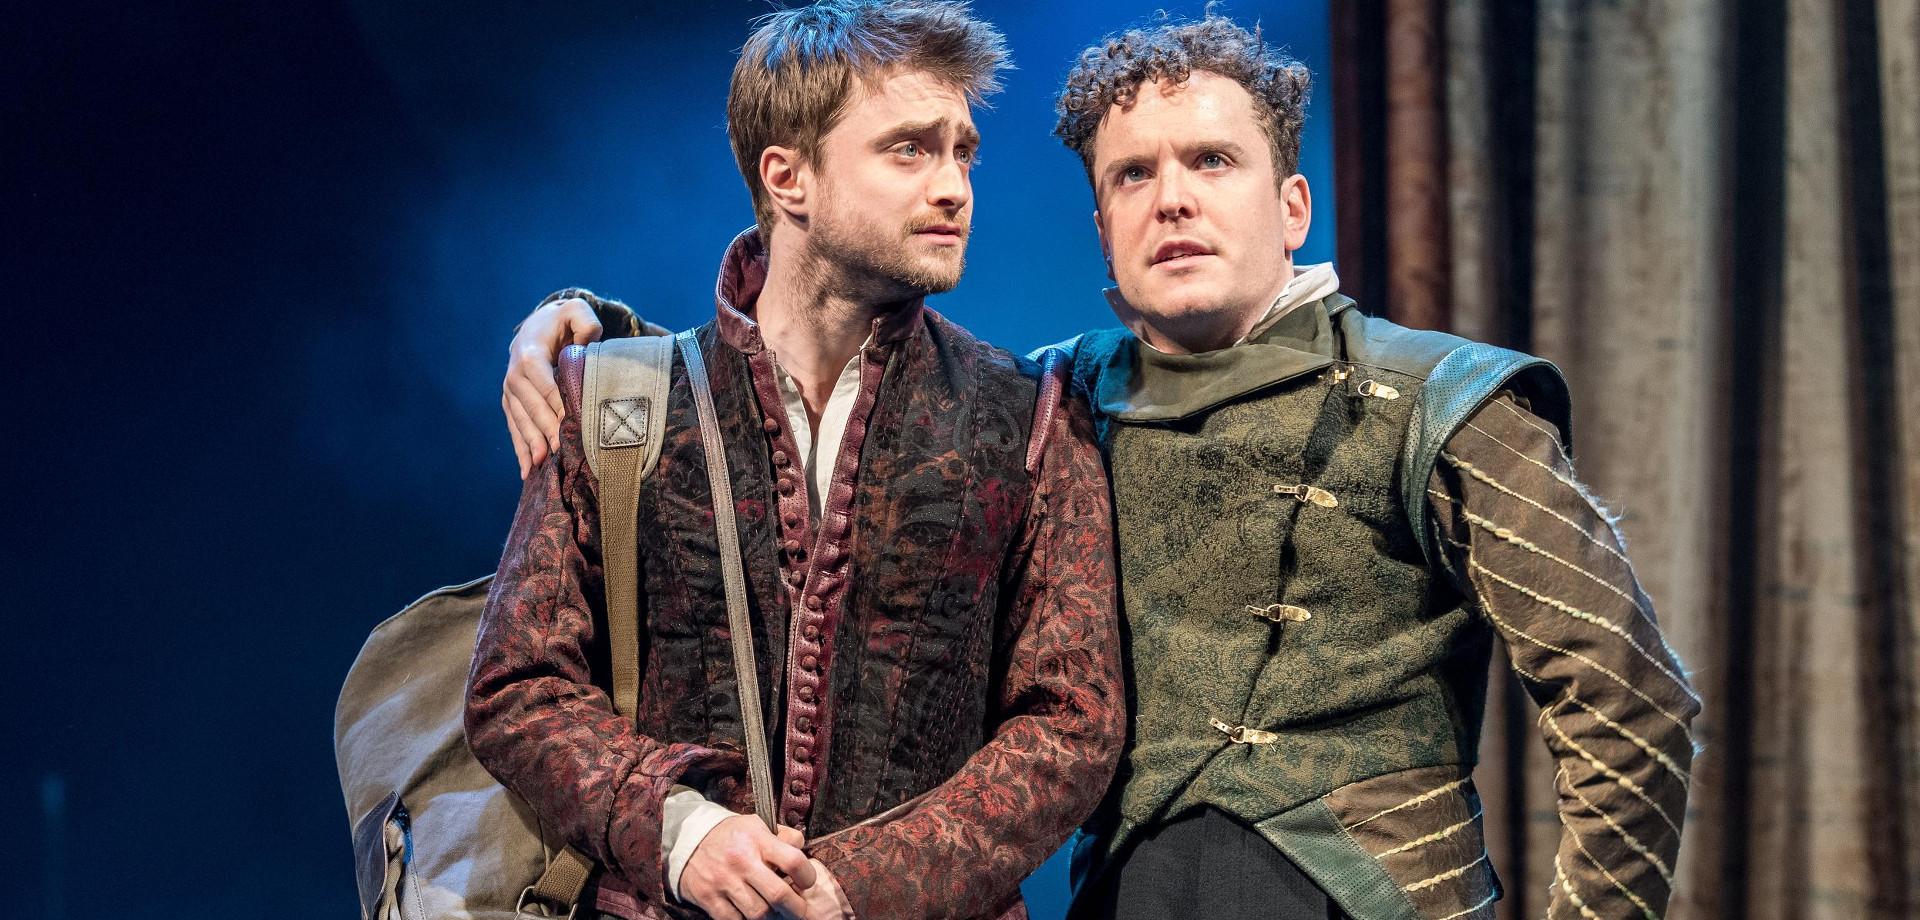 «Νational Theatre Live: Rosencrantz & Guildenstern Are Dead» στο Μέγαρο Μουσικής Αθηνών